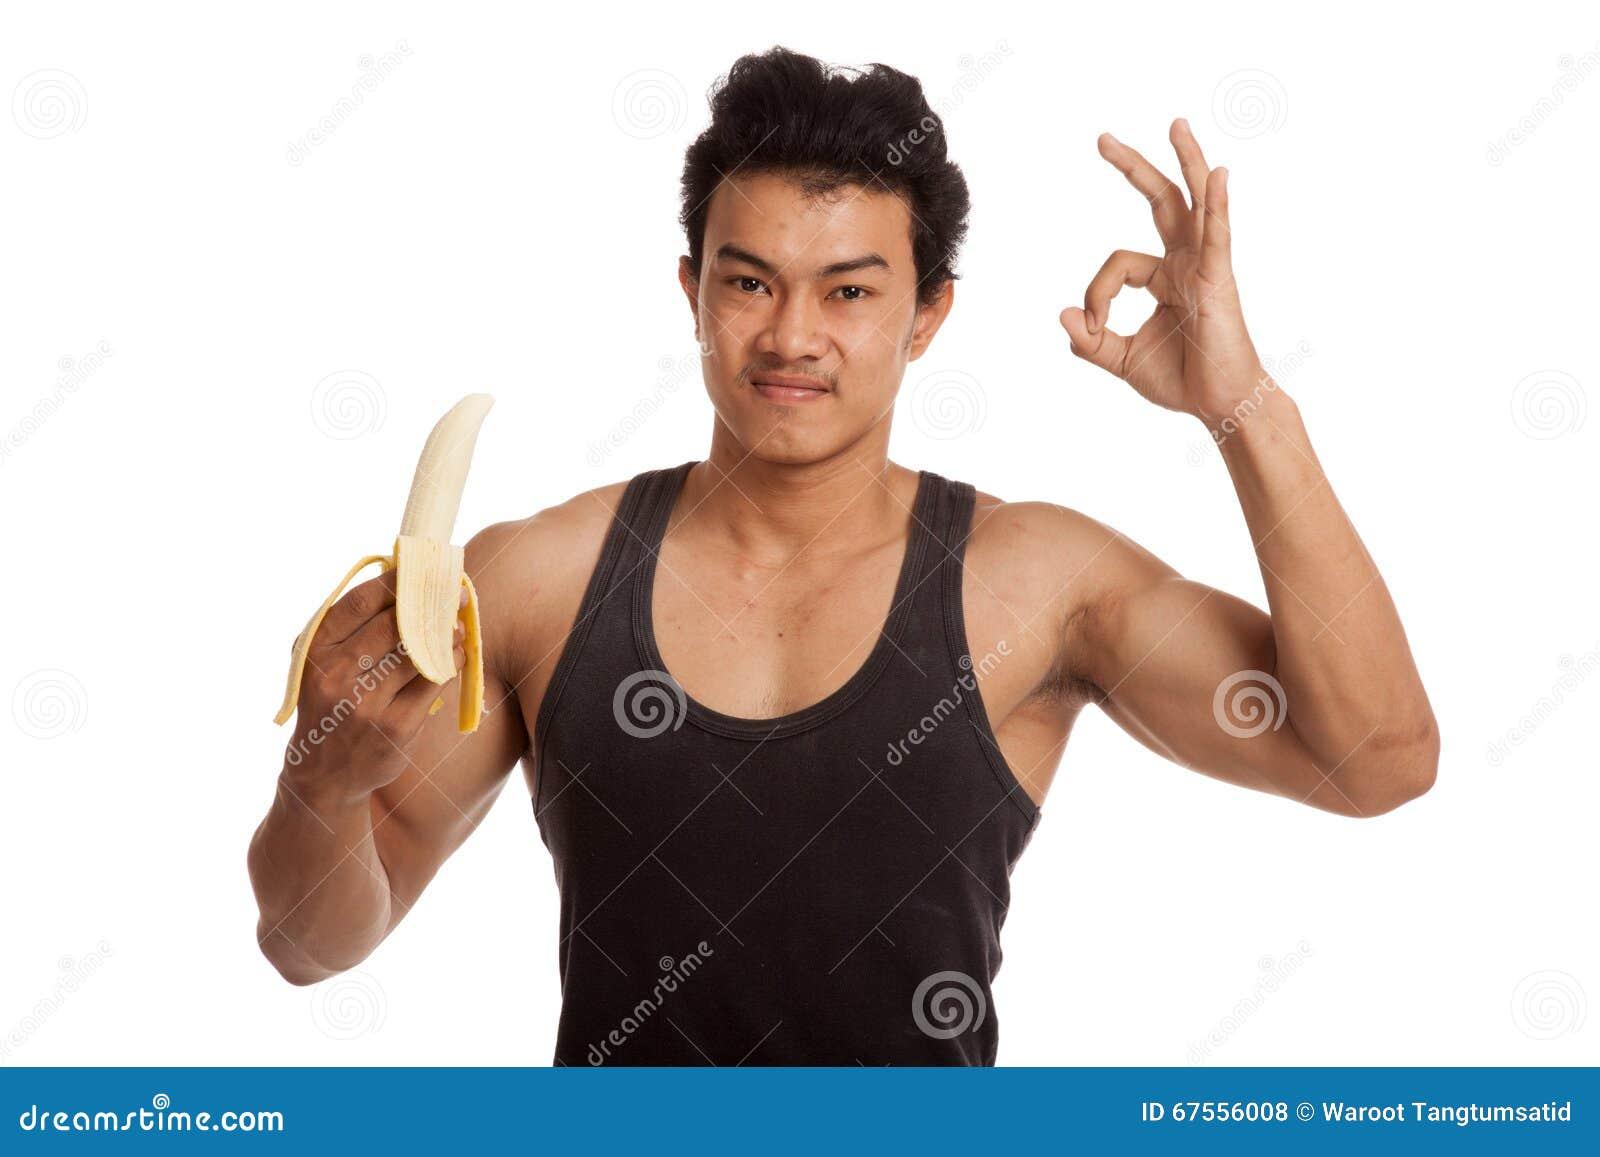 Fickt sie asian man muscular